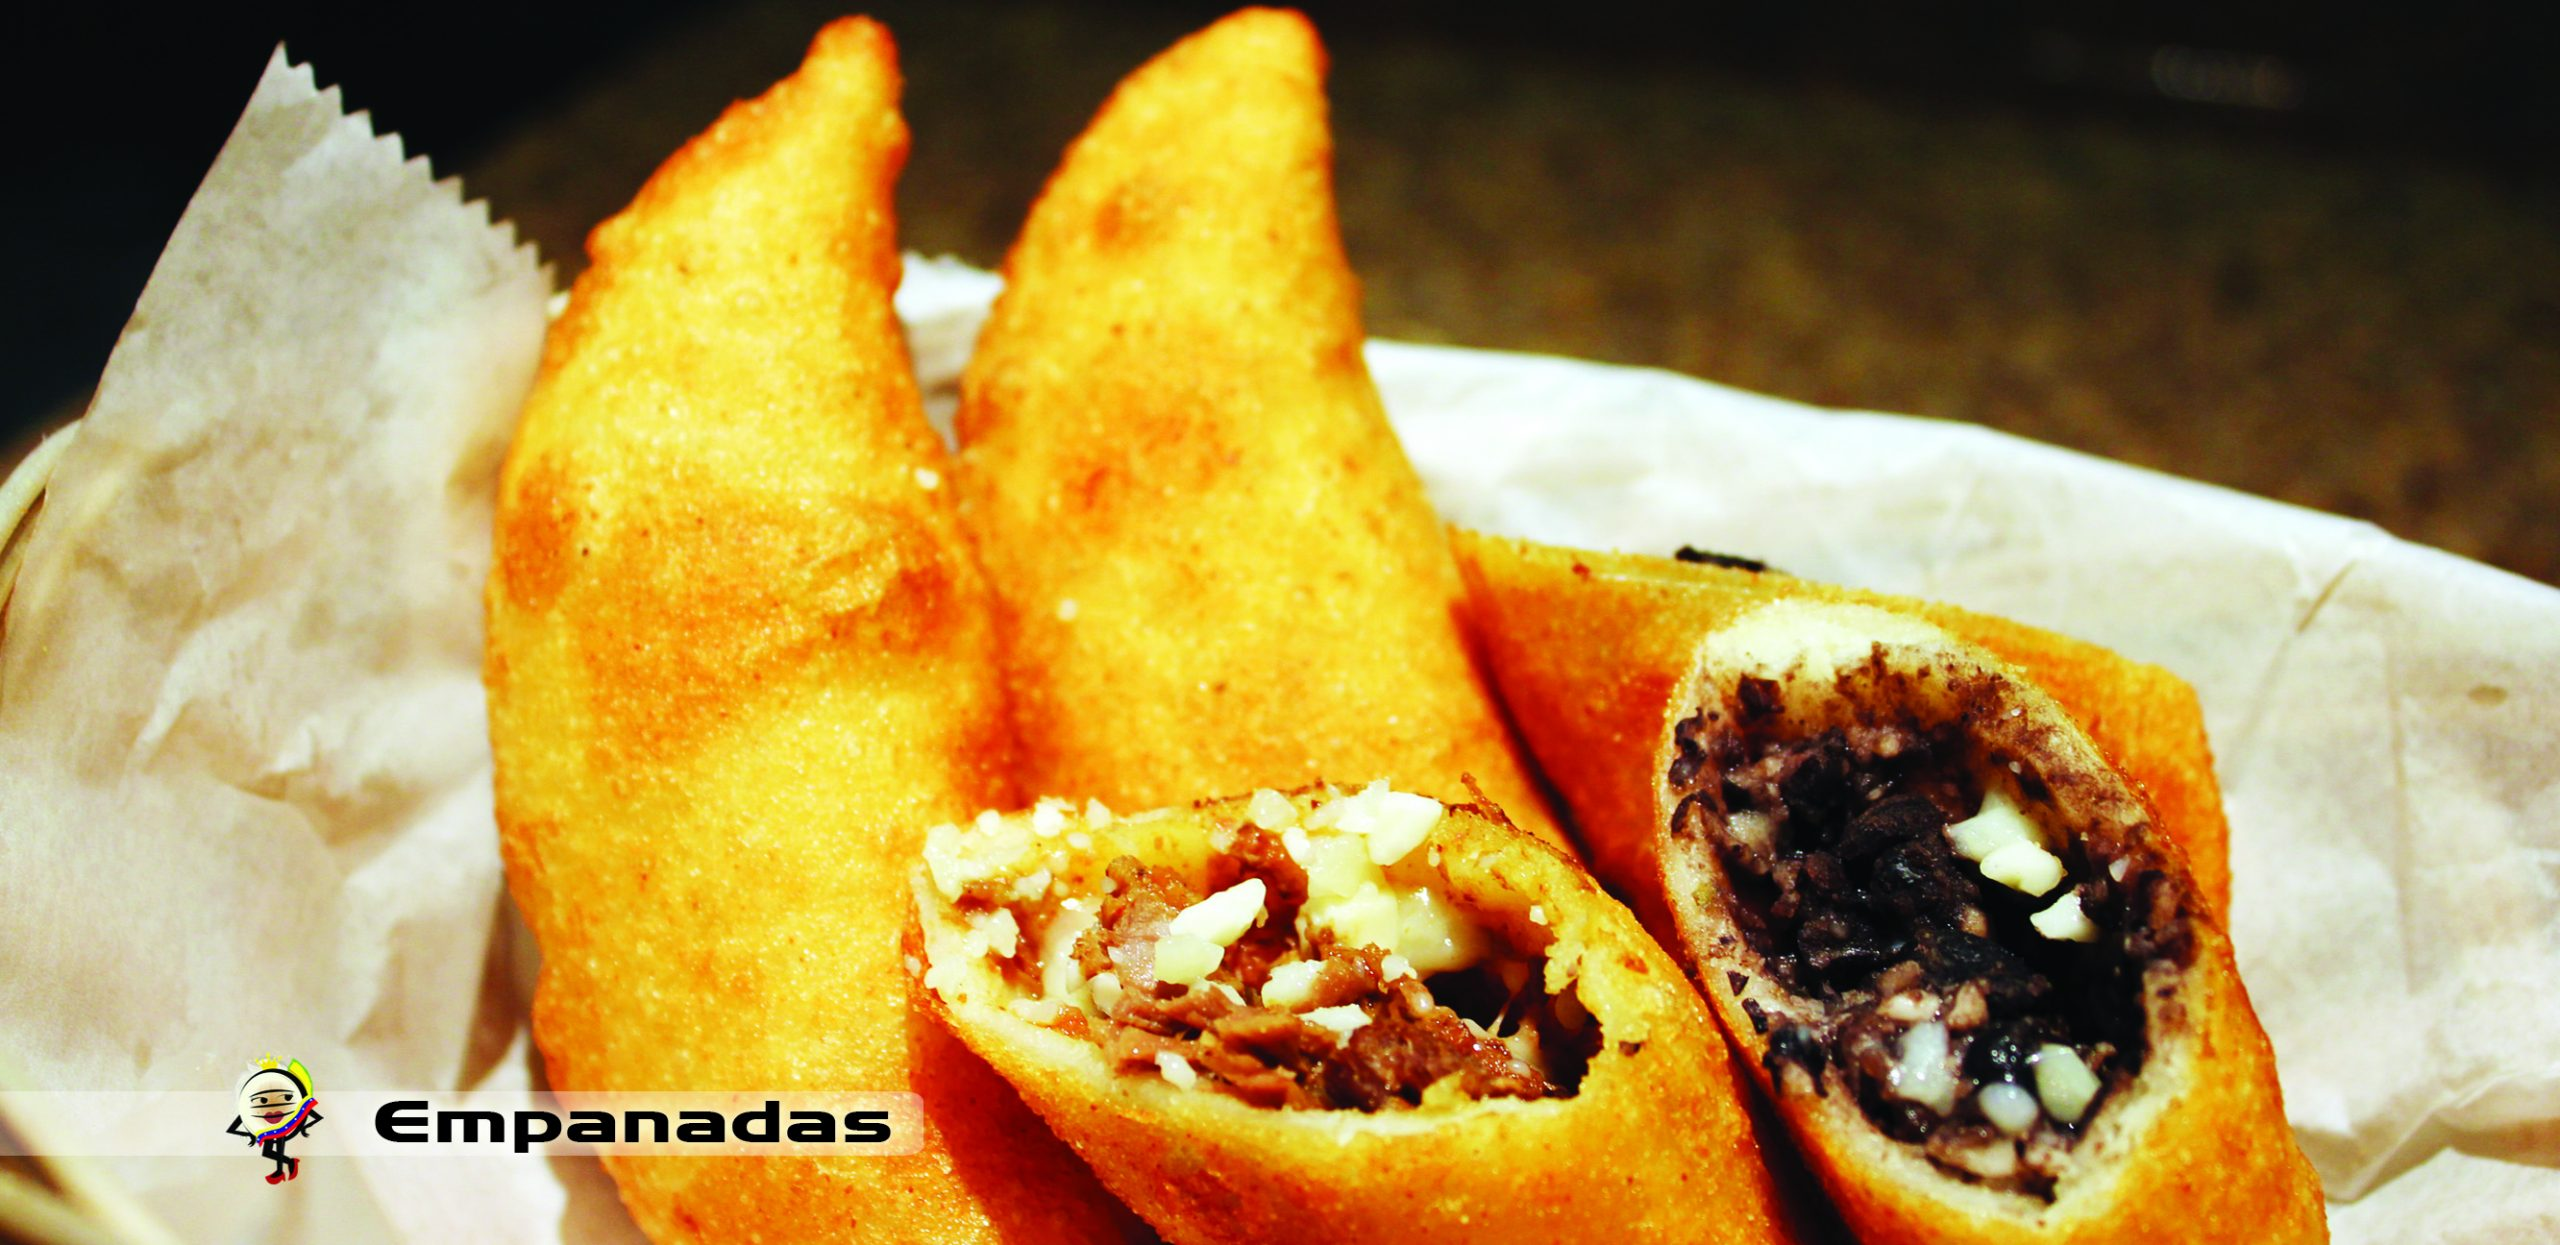 Chicken Shredded Empanada